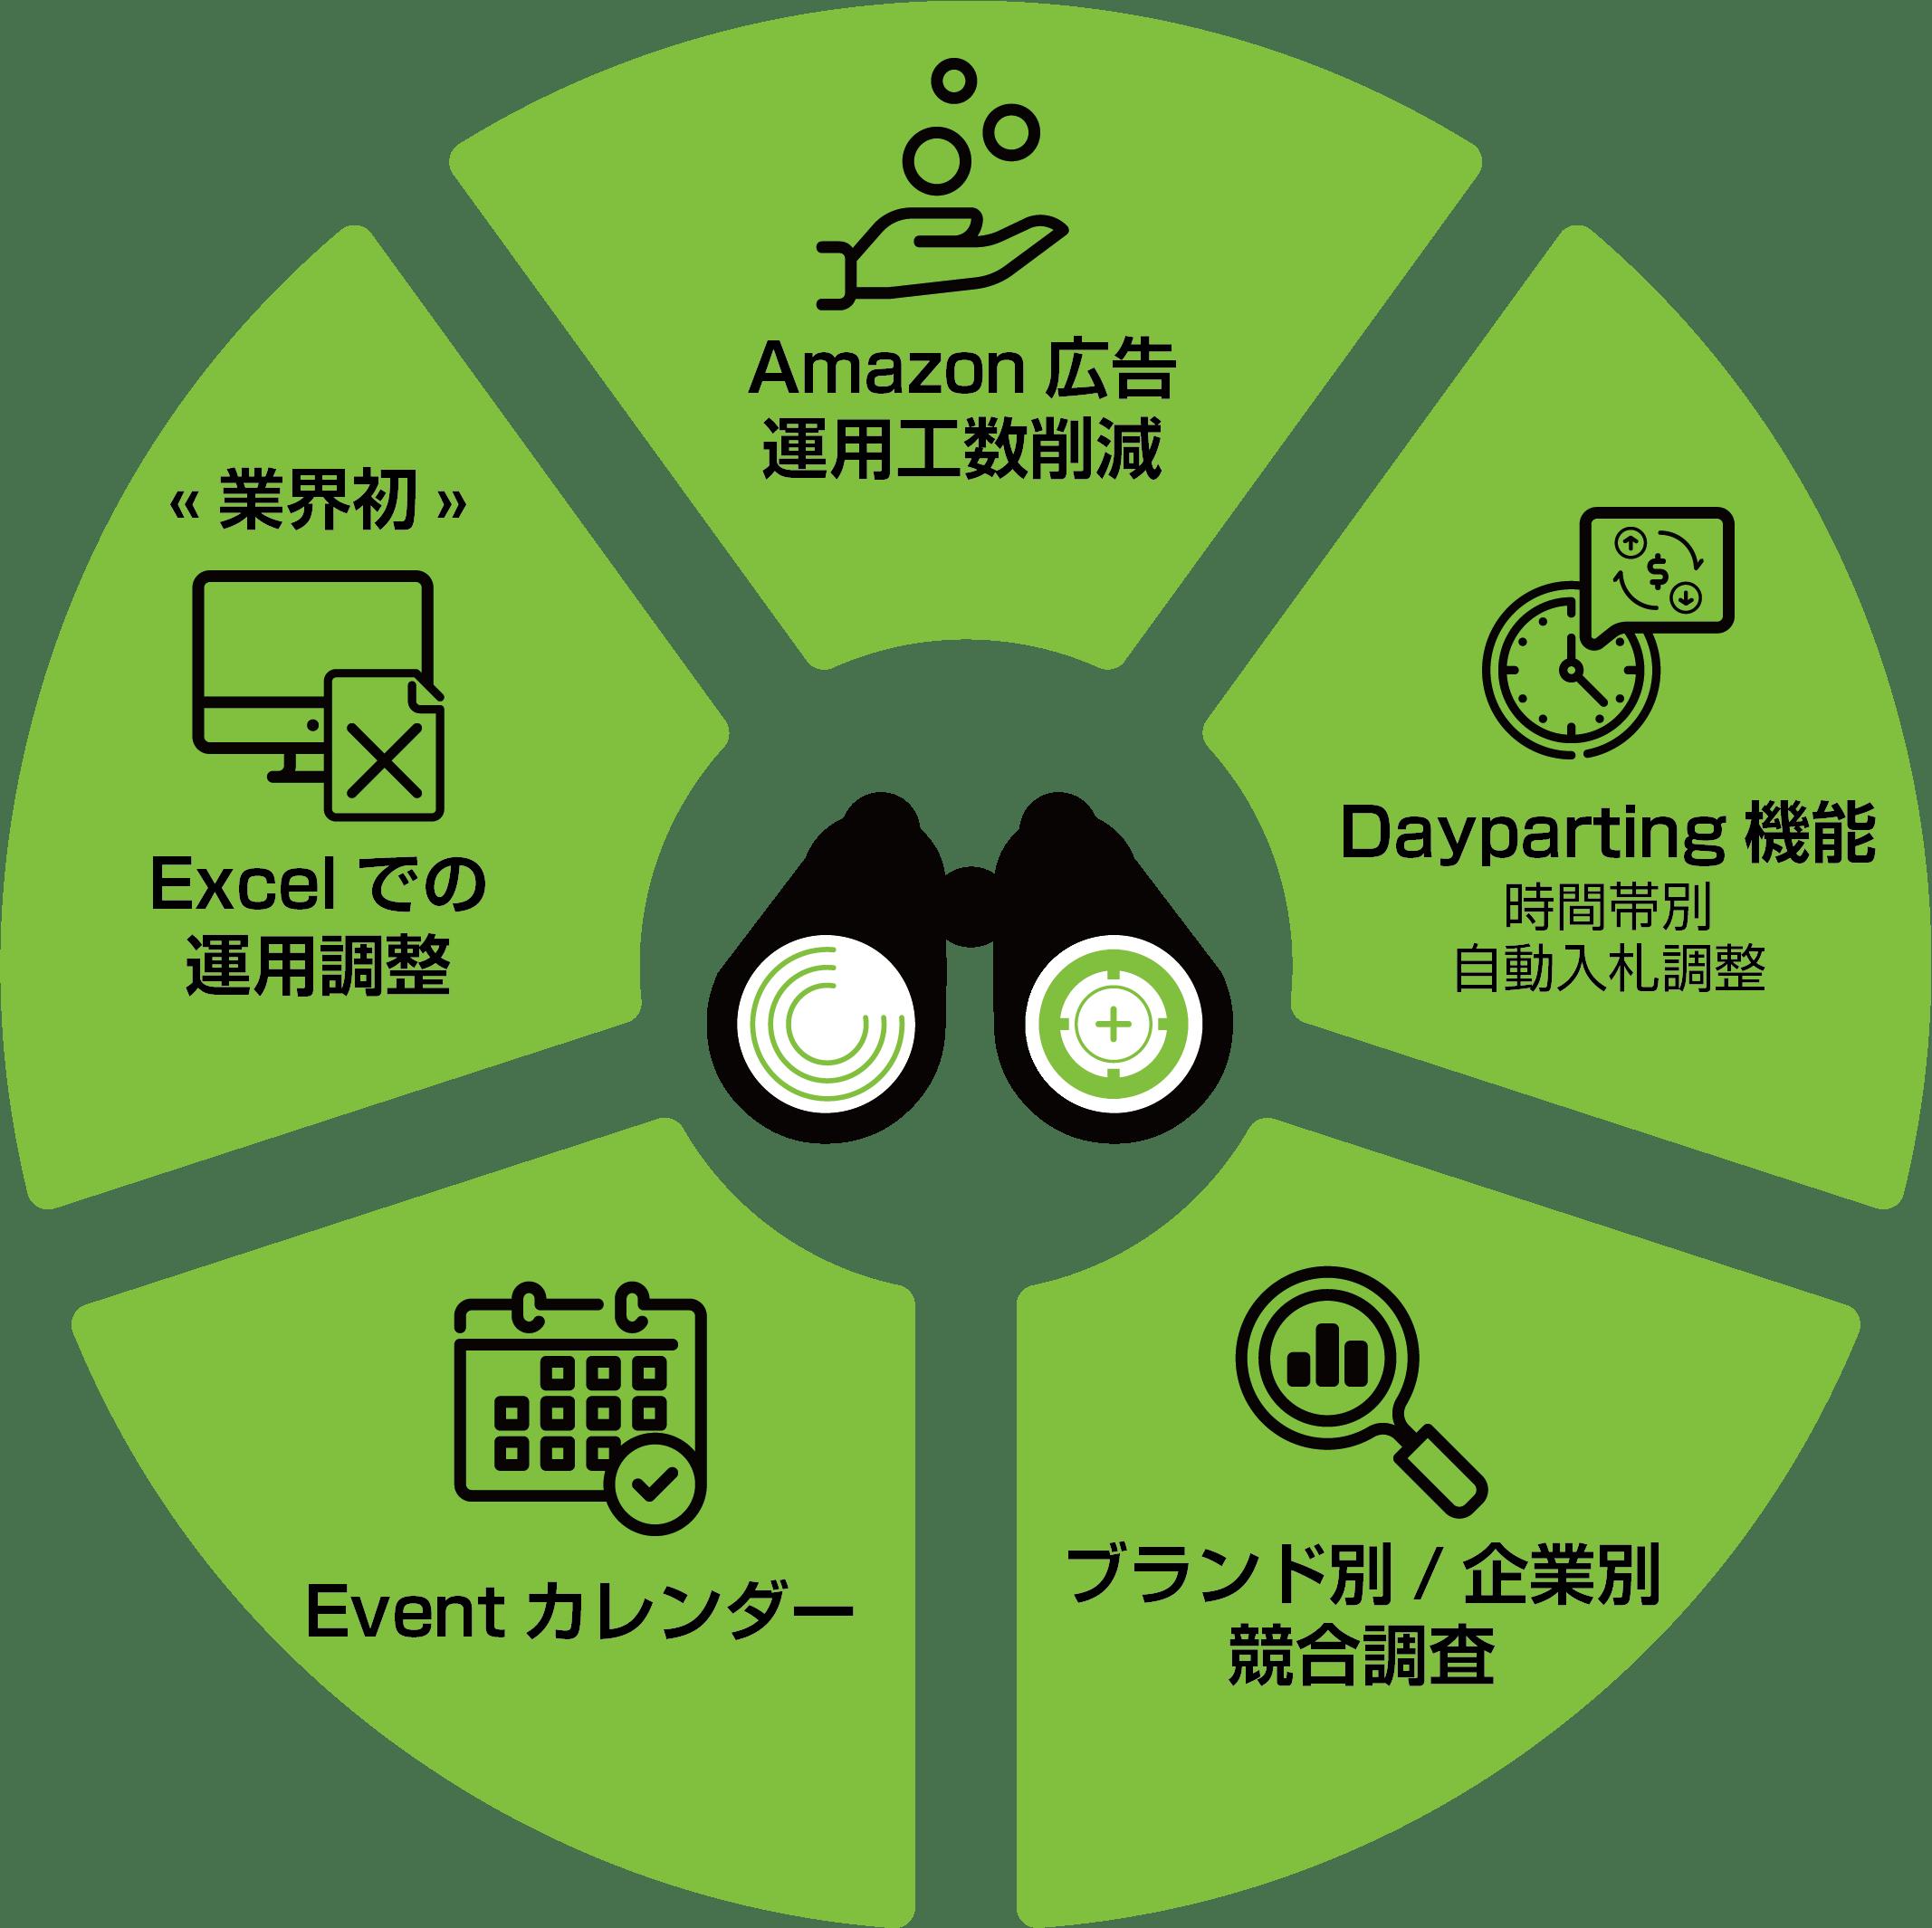 Amazon広告を攻略する5つの機能